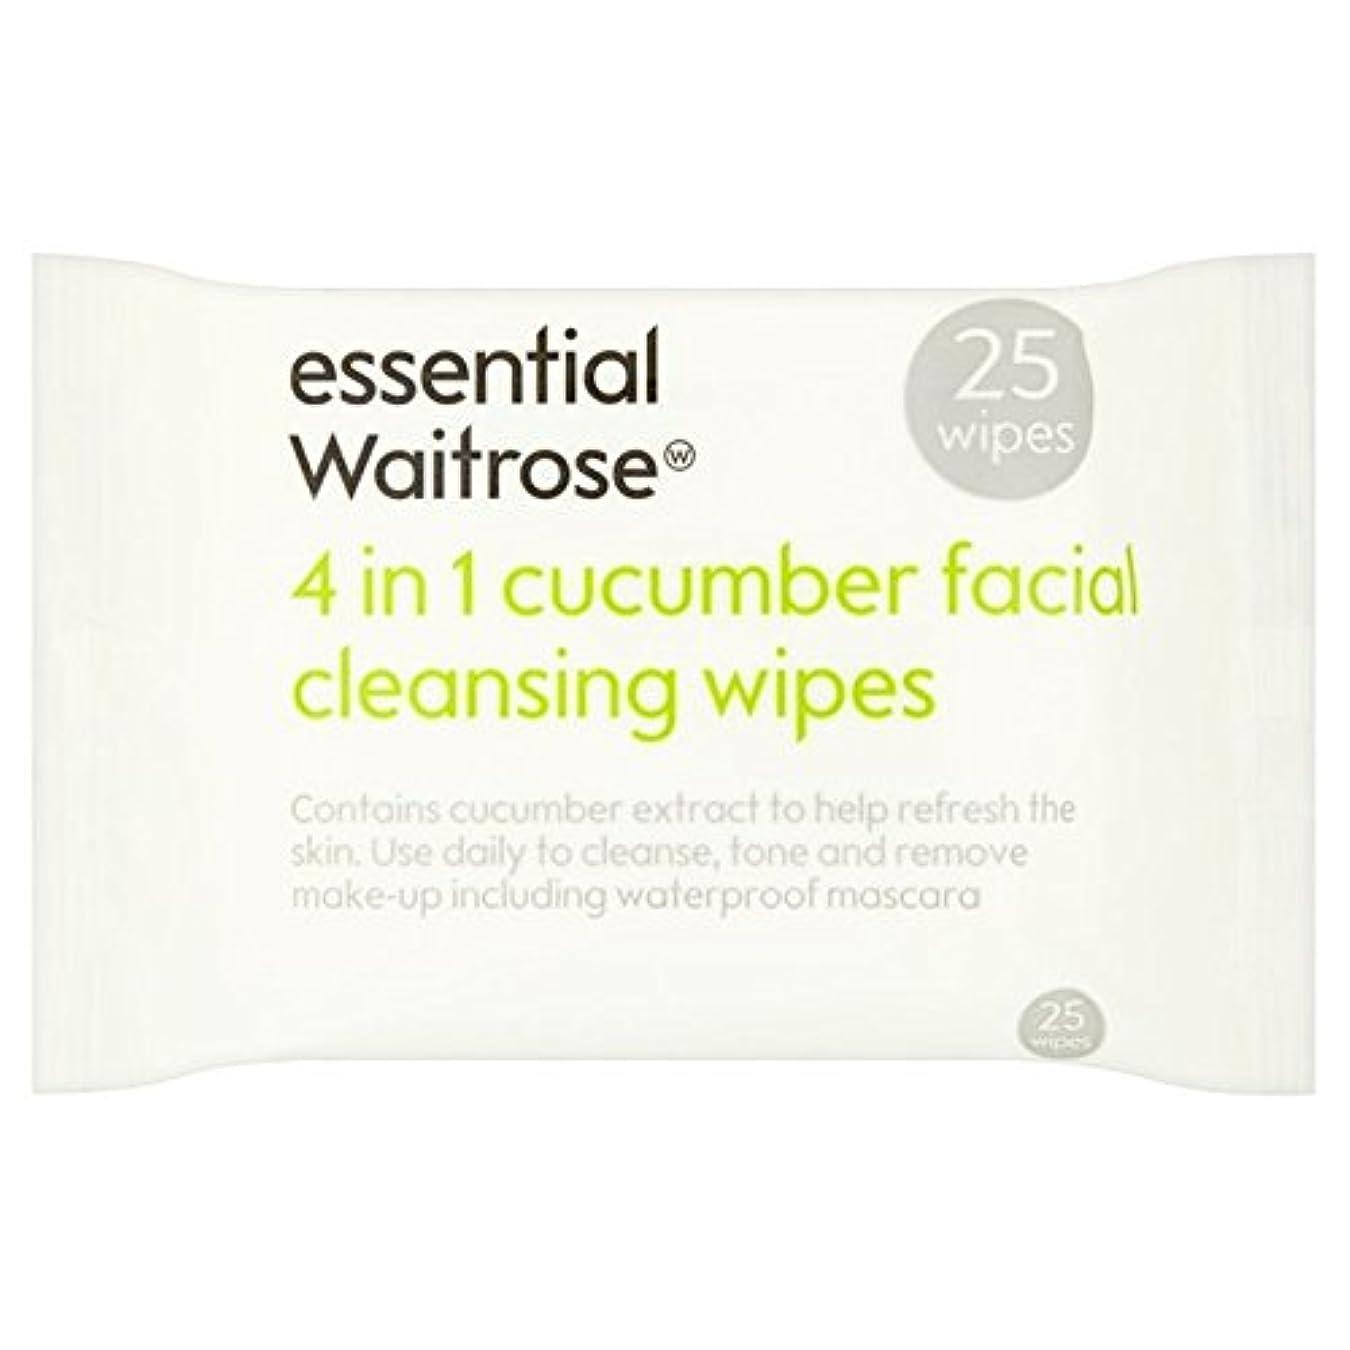 キュウリ顔のワイプパックあたり不可欠ウェイトローズ25 x4 - Cucumber Facial Wipes essential Waitrose 25 per pack (Pack of 4) [並行輸入品]